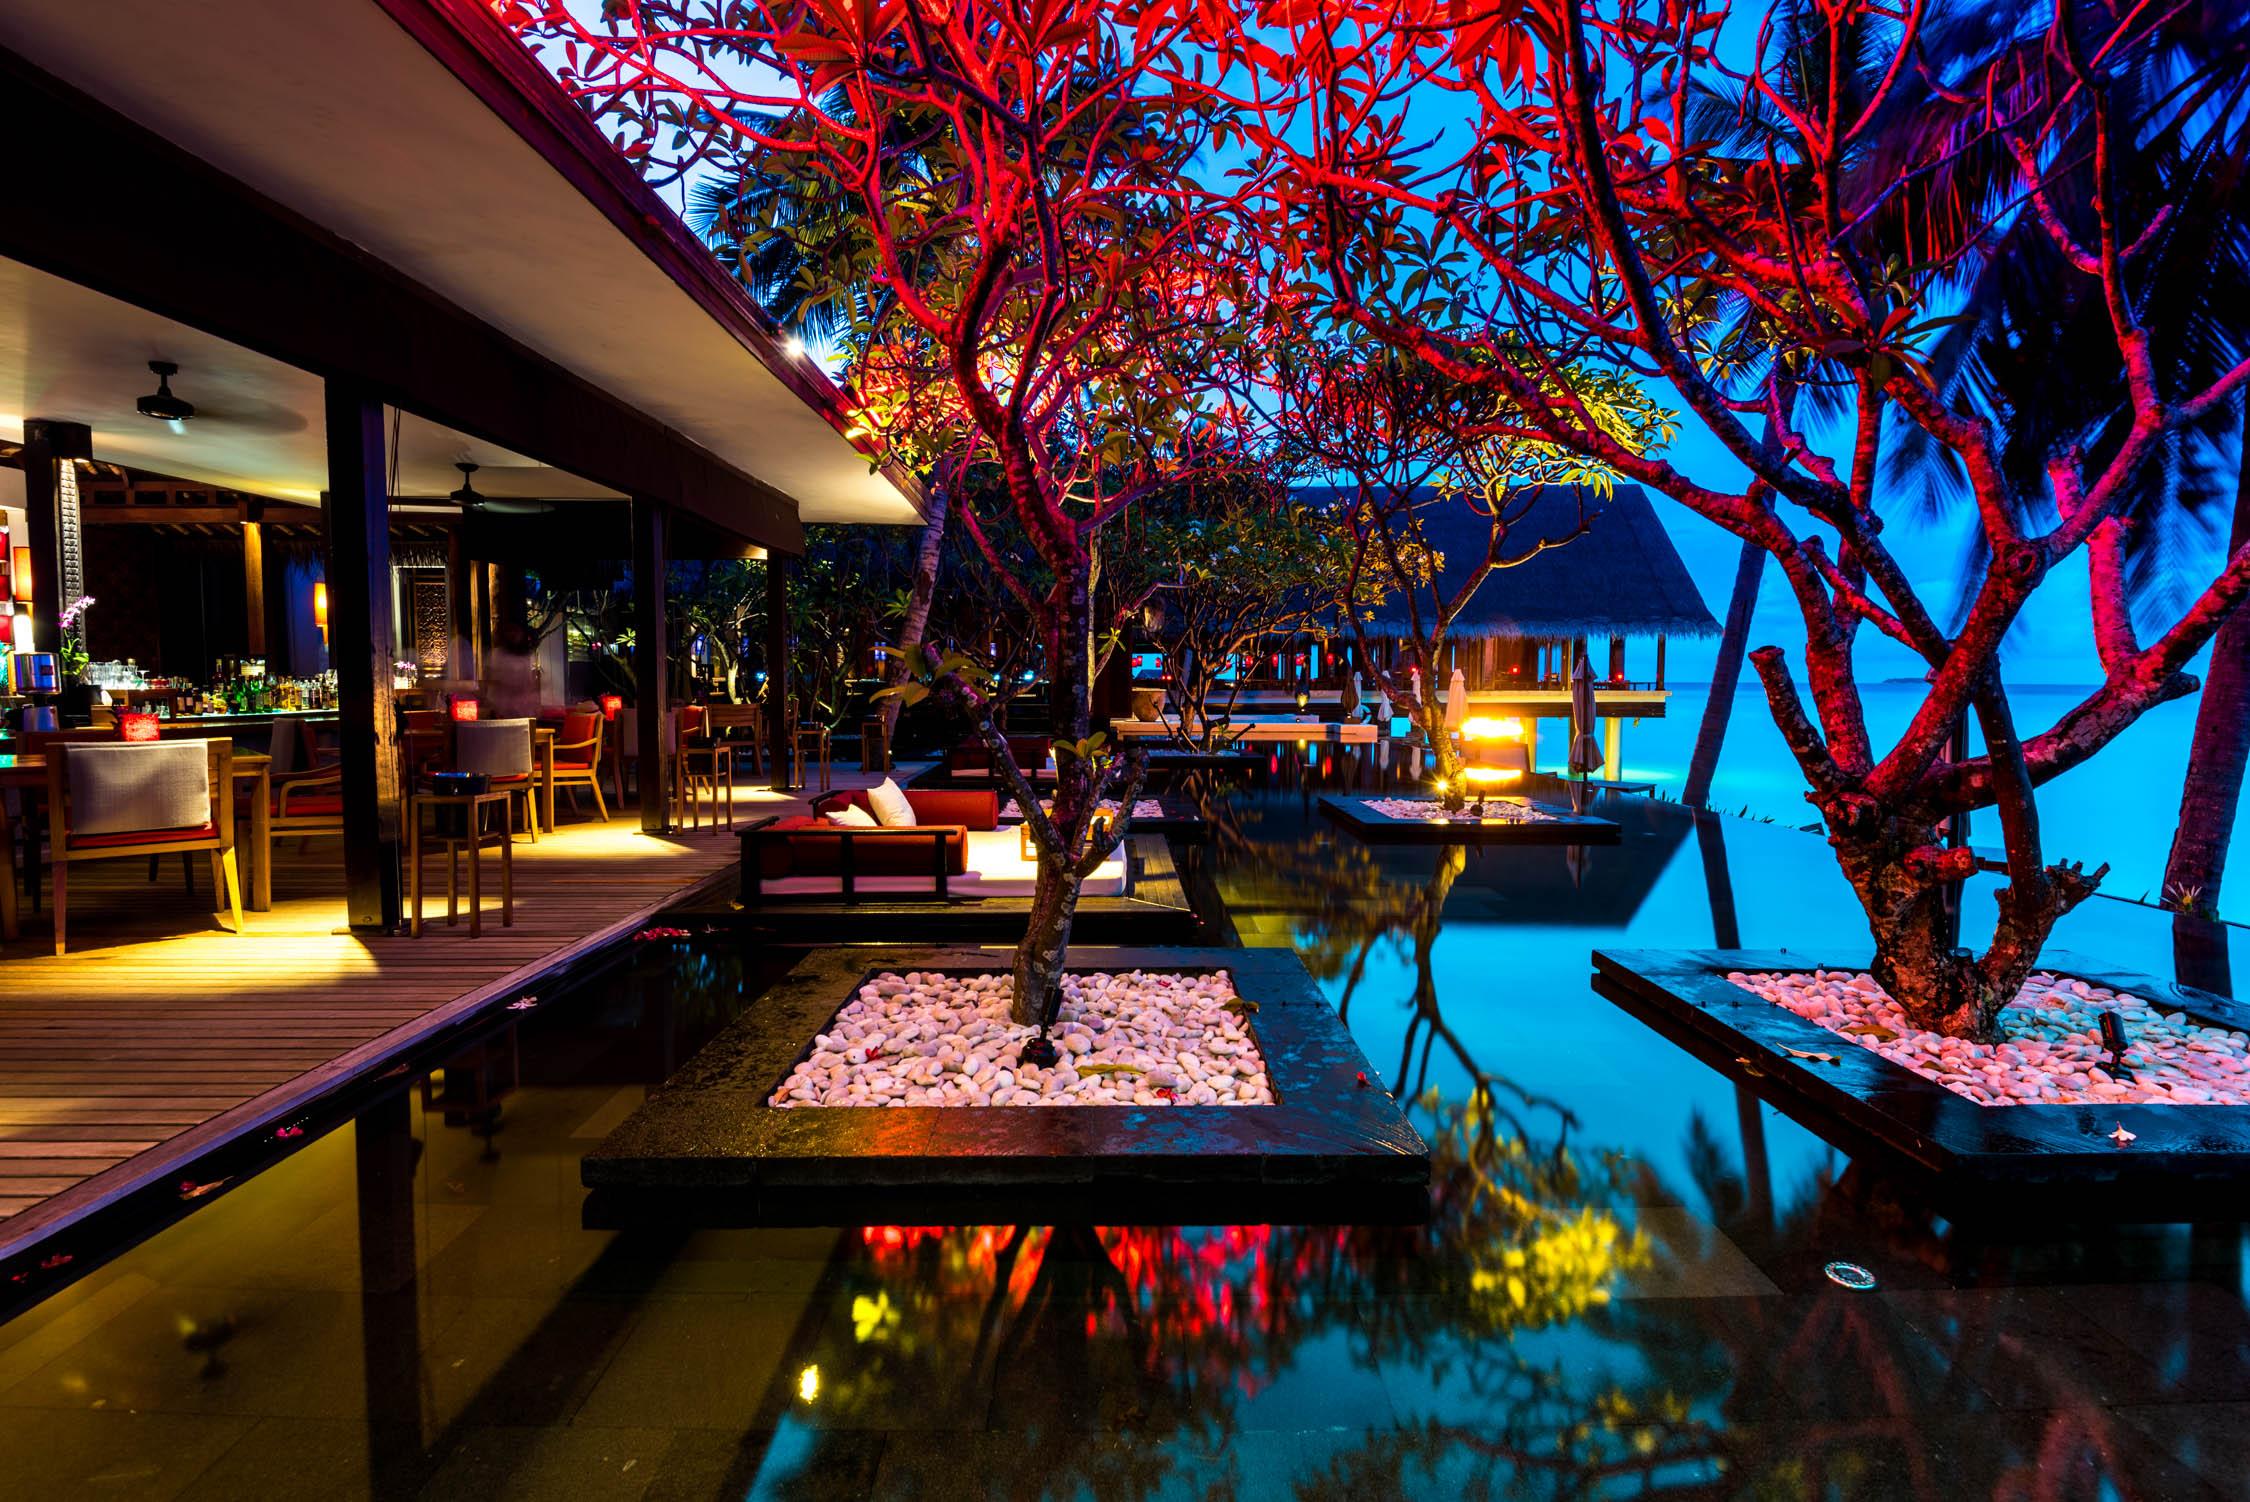 Maldives_Reethi-Rah-97-20170519.jpg